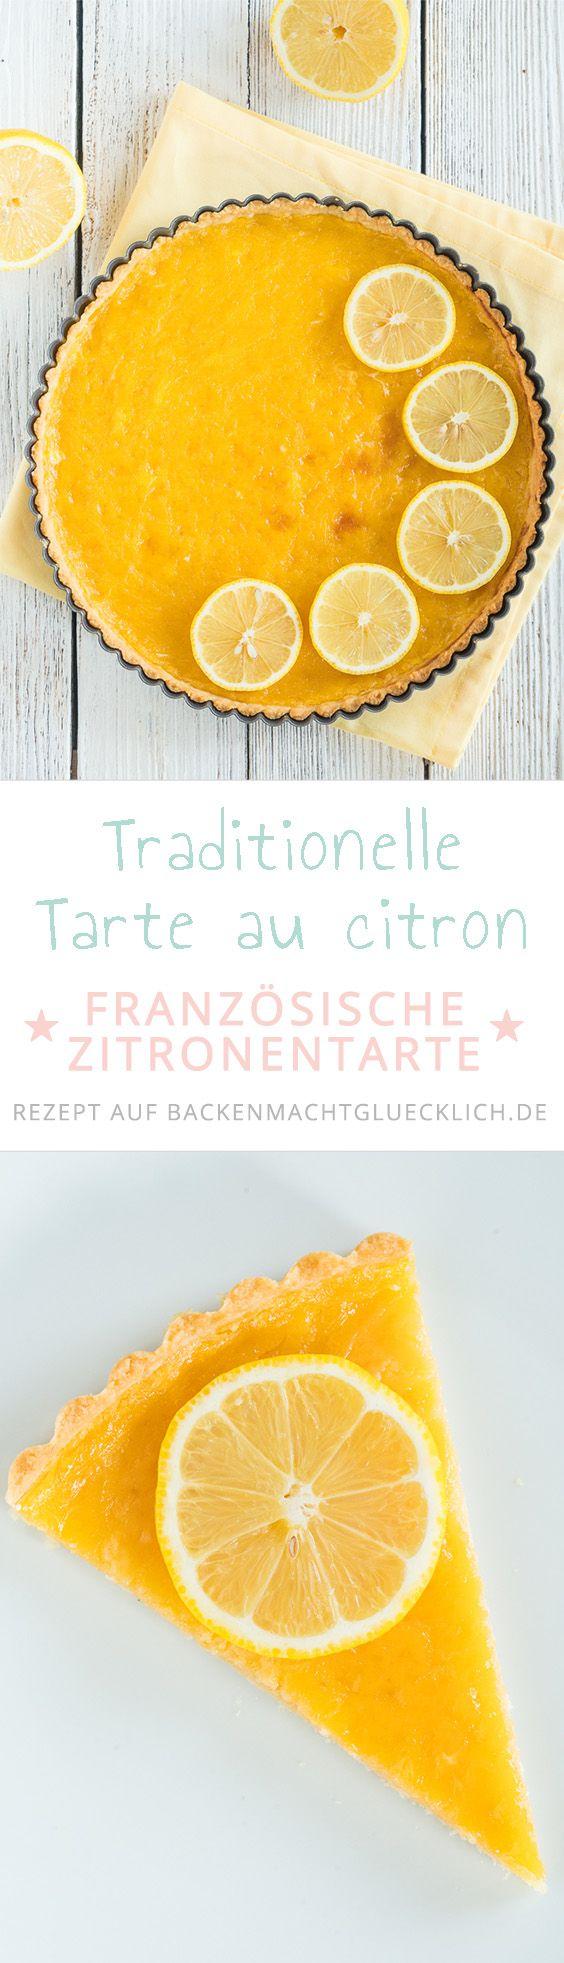 Tarte au citron: Knuspriger Mürbteigboden, fruchtige Zitronencreme: Diese köstliche traditionelle Zitronentarte aus Frankreich ist ein kulinarisches Highlight! Übrigens: Der Lemon Curd Belag auf der Zitronentarte schmeckt auch pur gut.